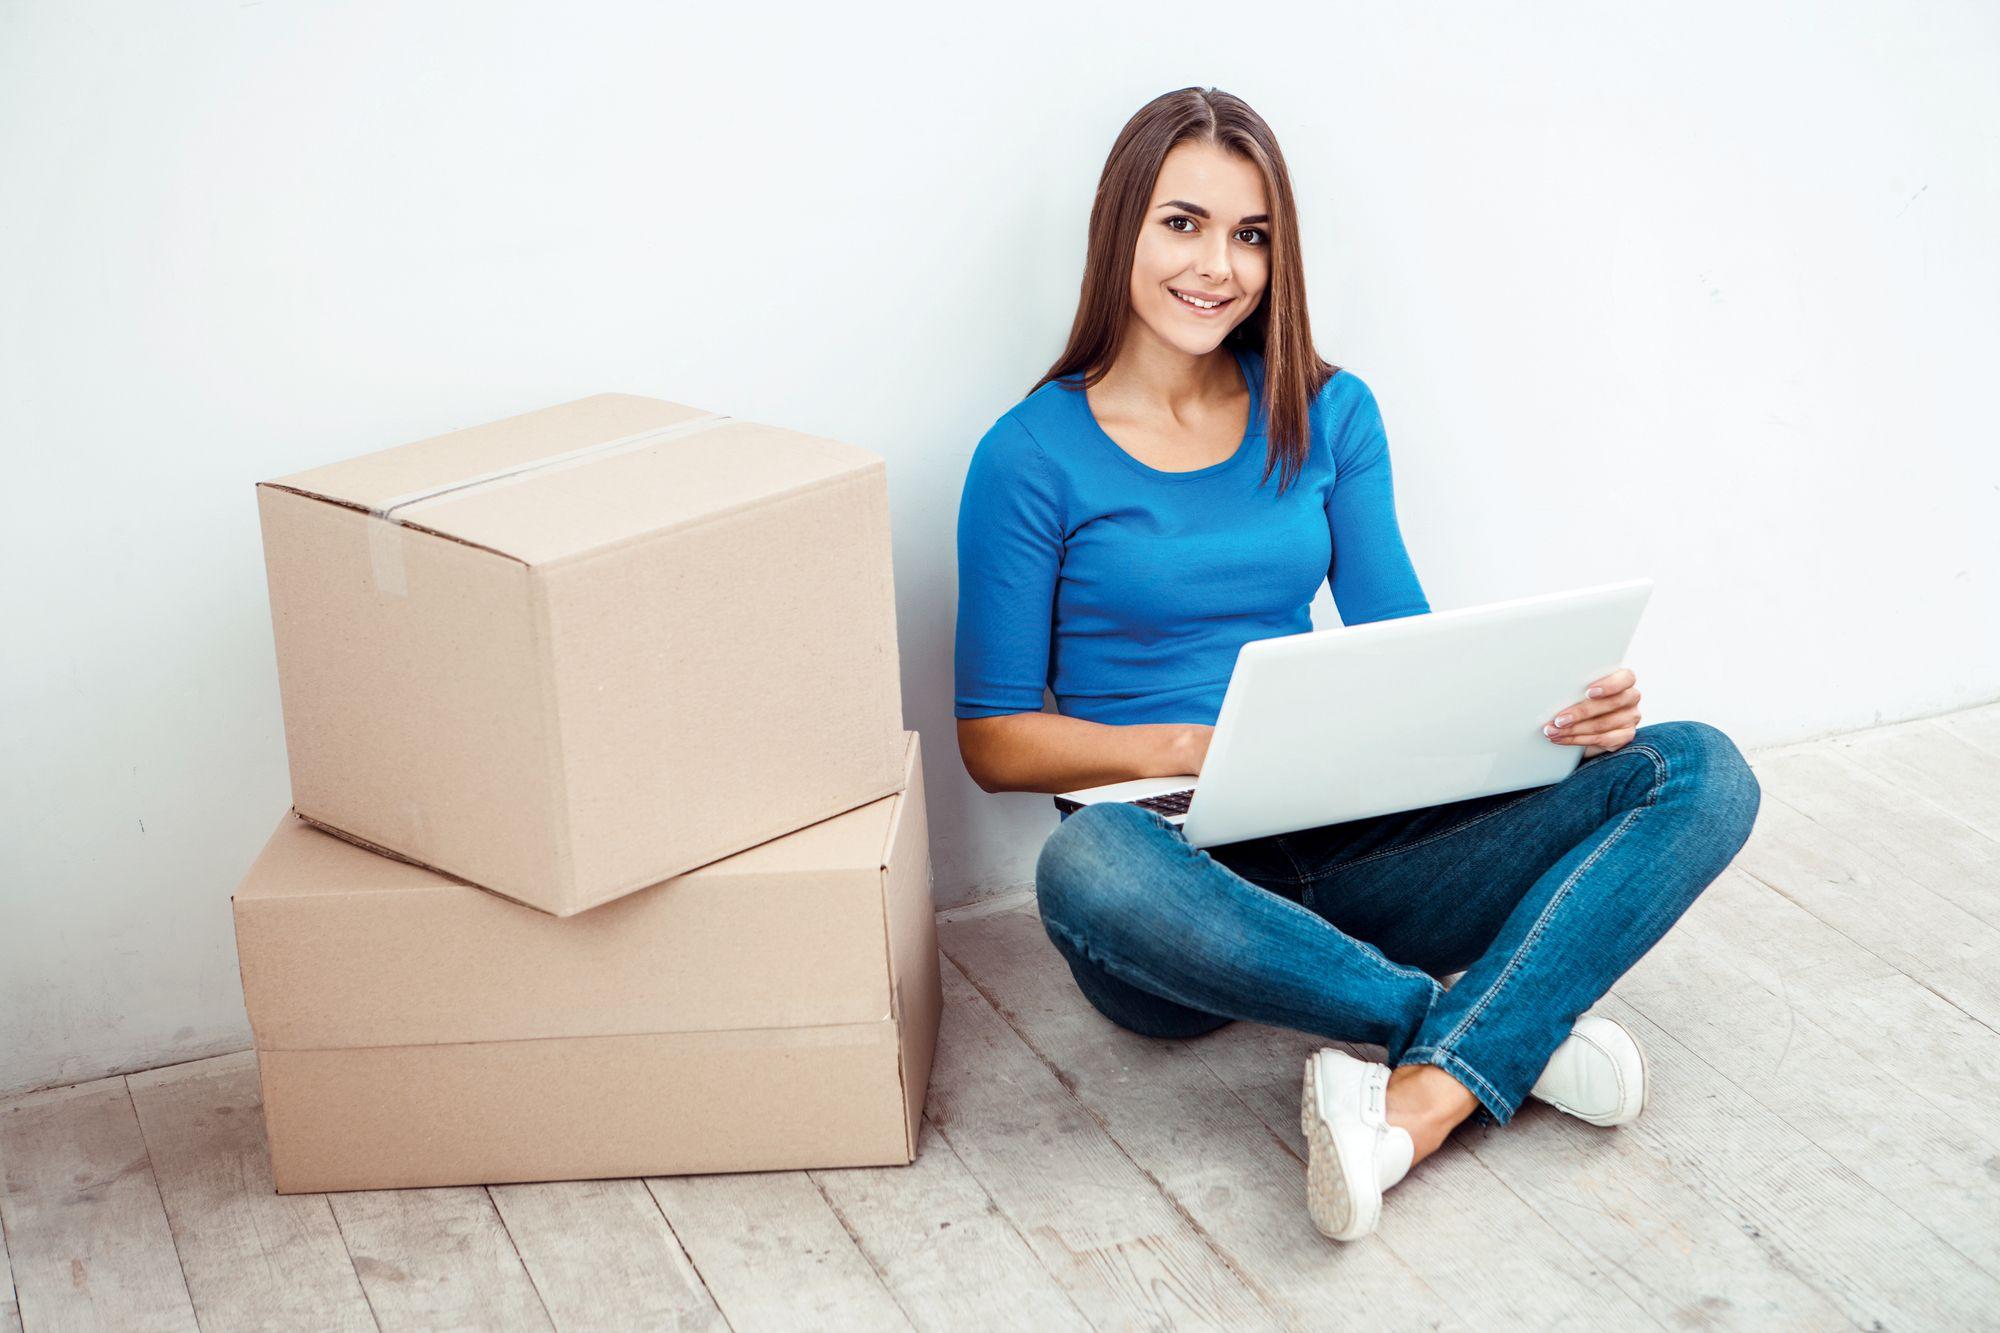 一人暮らしに関わる費用解説&クレジットカードで生活費節約術